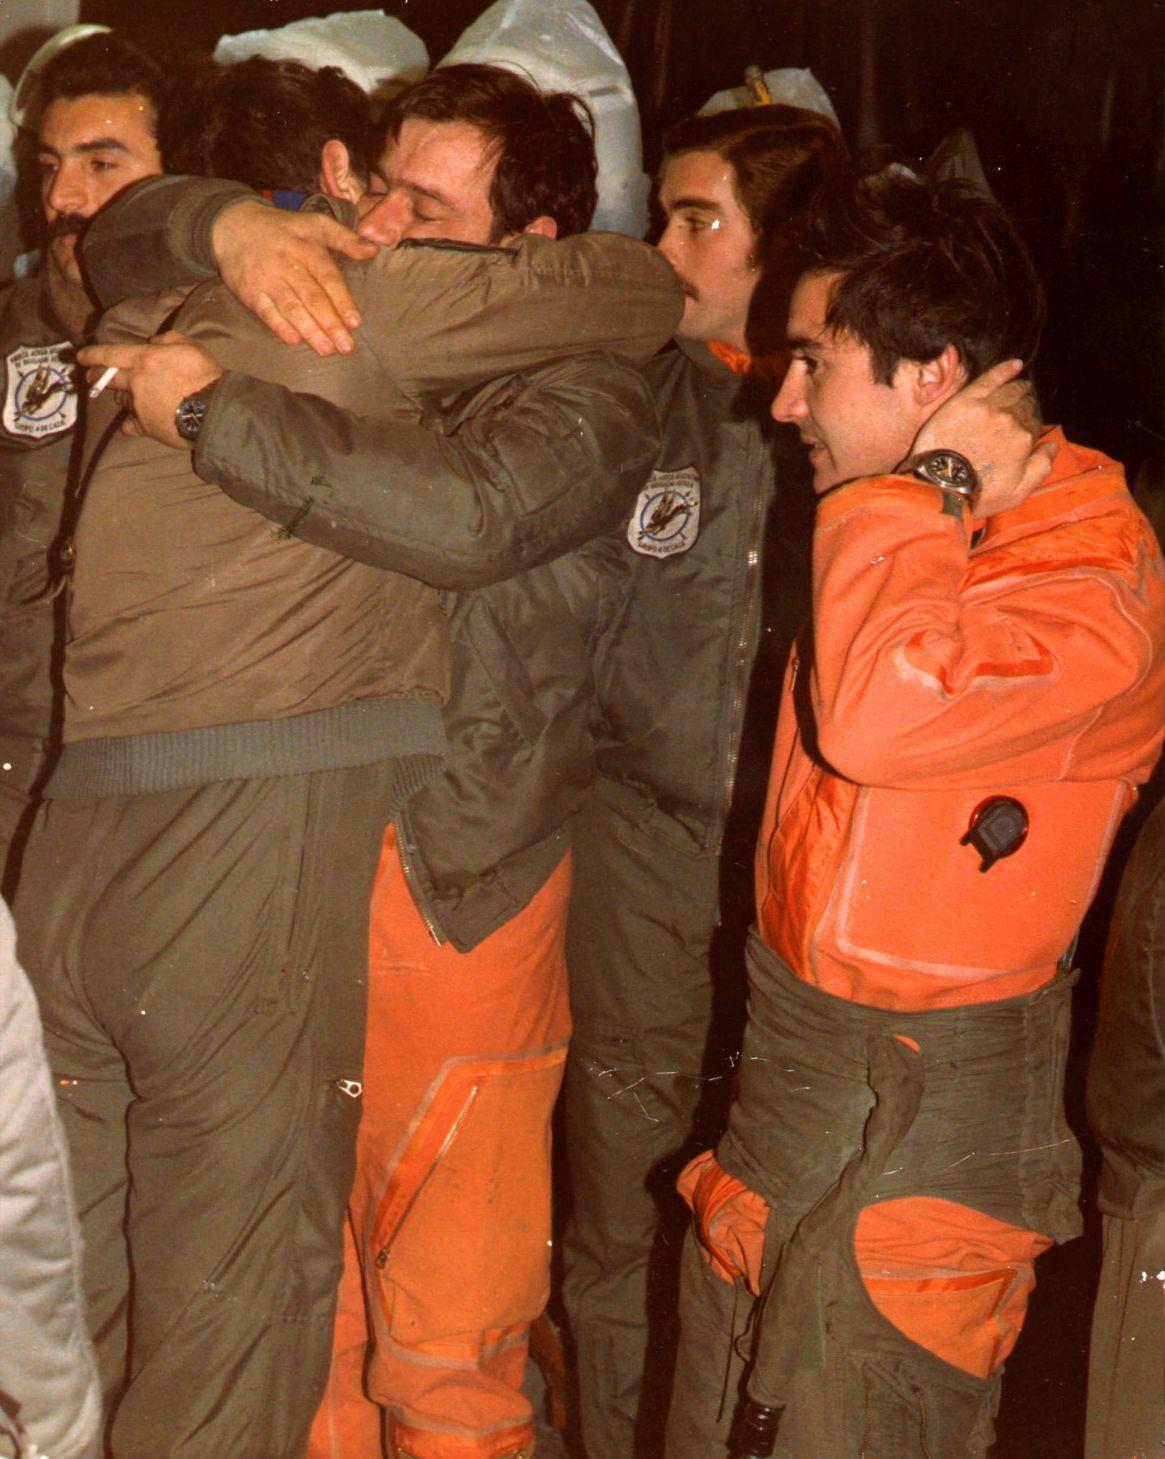 No hayconsuelo. El abrazo fraternal entre los compañeros por la pérdida de dos héroes y mártires. Isaac, a la derecha, será inmediatamente conducido al interrogatorio de Inteligencia Militar.